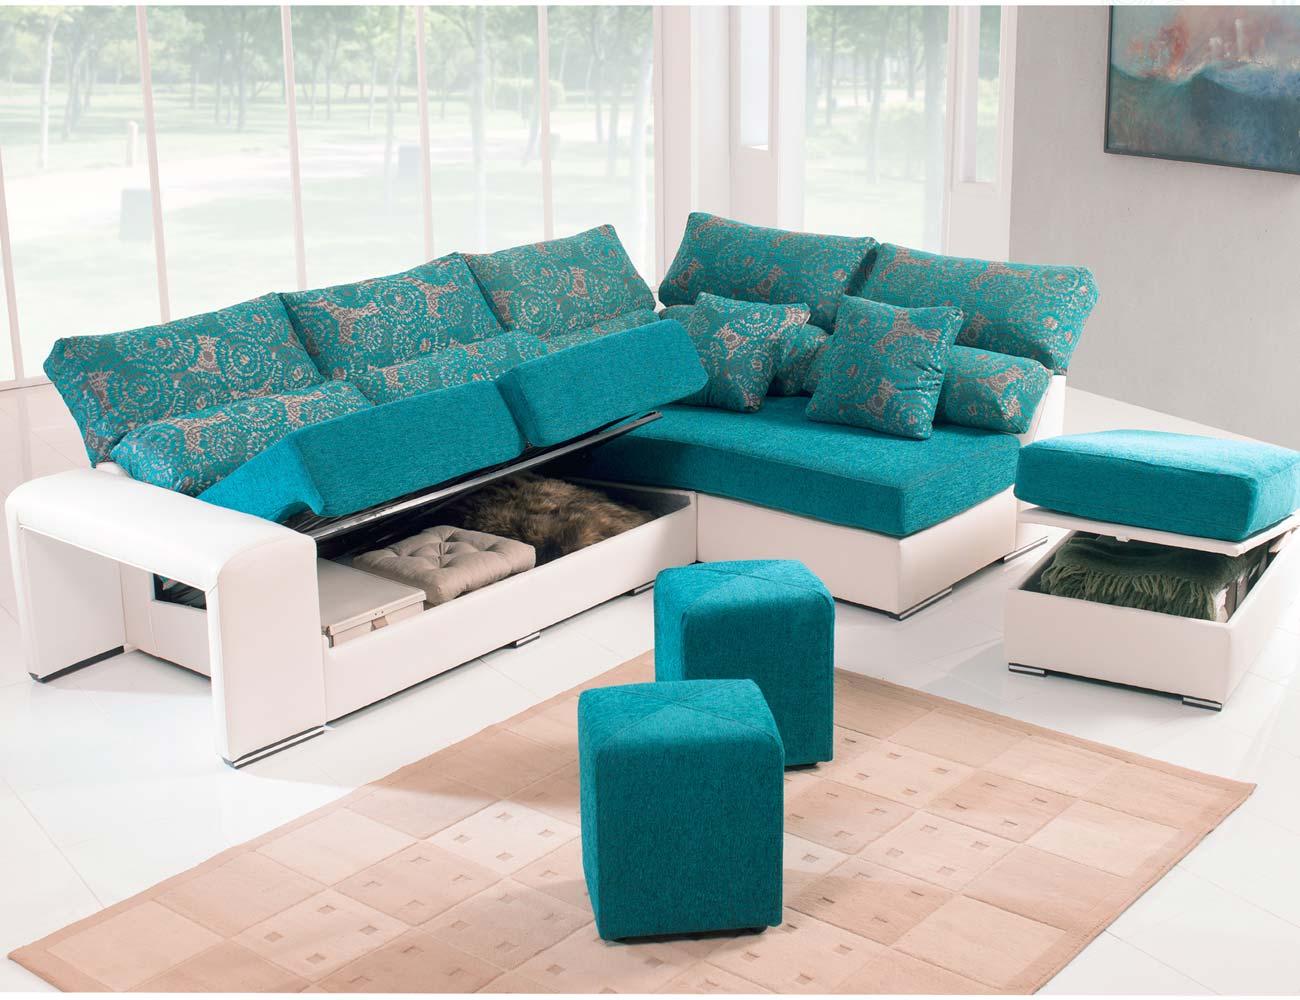 Sofa chaiselongue rincon puff arcon taburete31